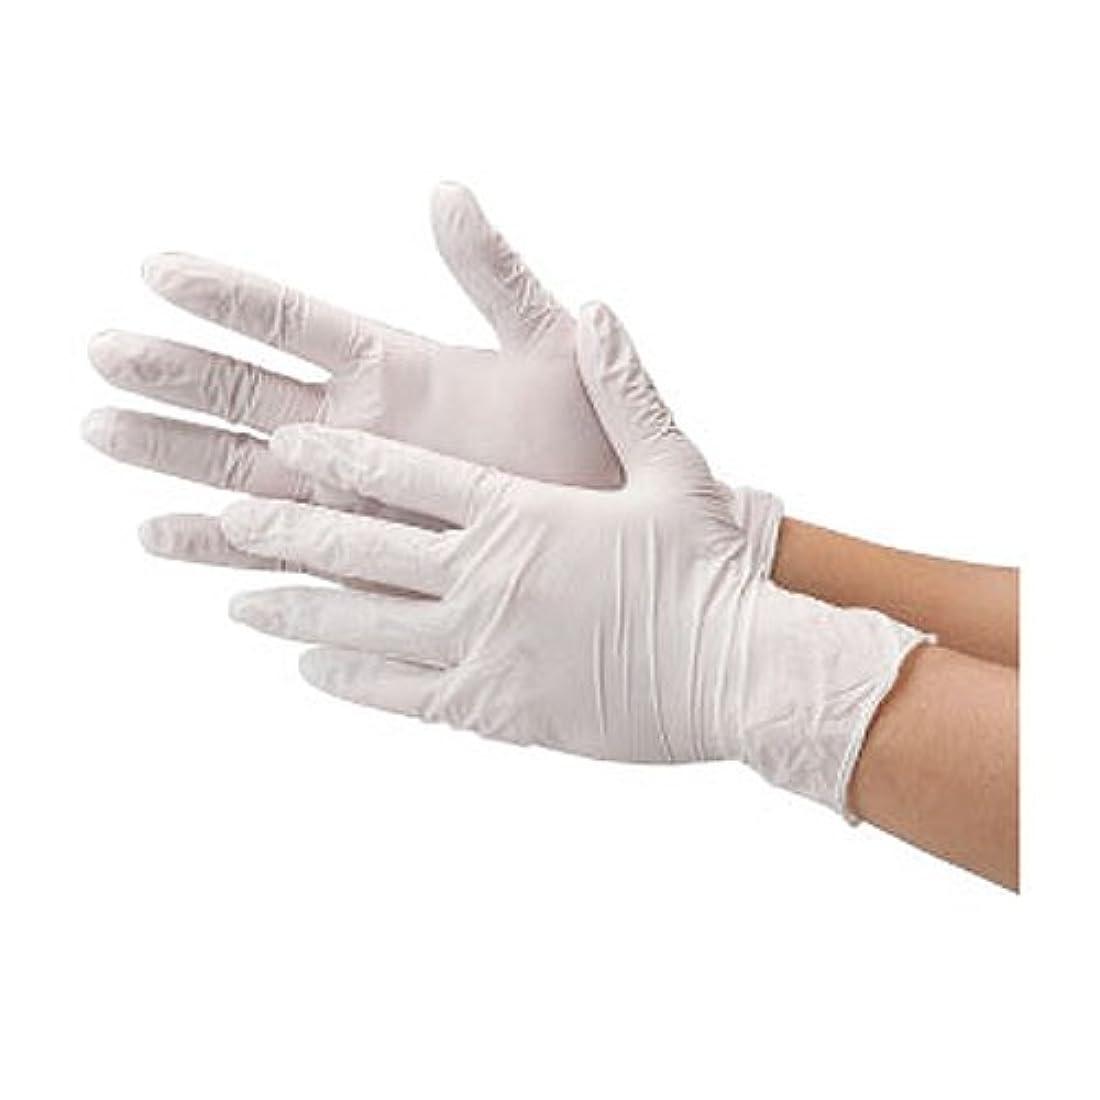 使い込む敬意を表する他のバンドで川西工業 ニトリル 使いきり手袋 ストロング 粉無 100枚入り 2037 ホワイトL